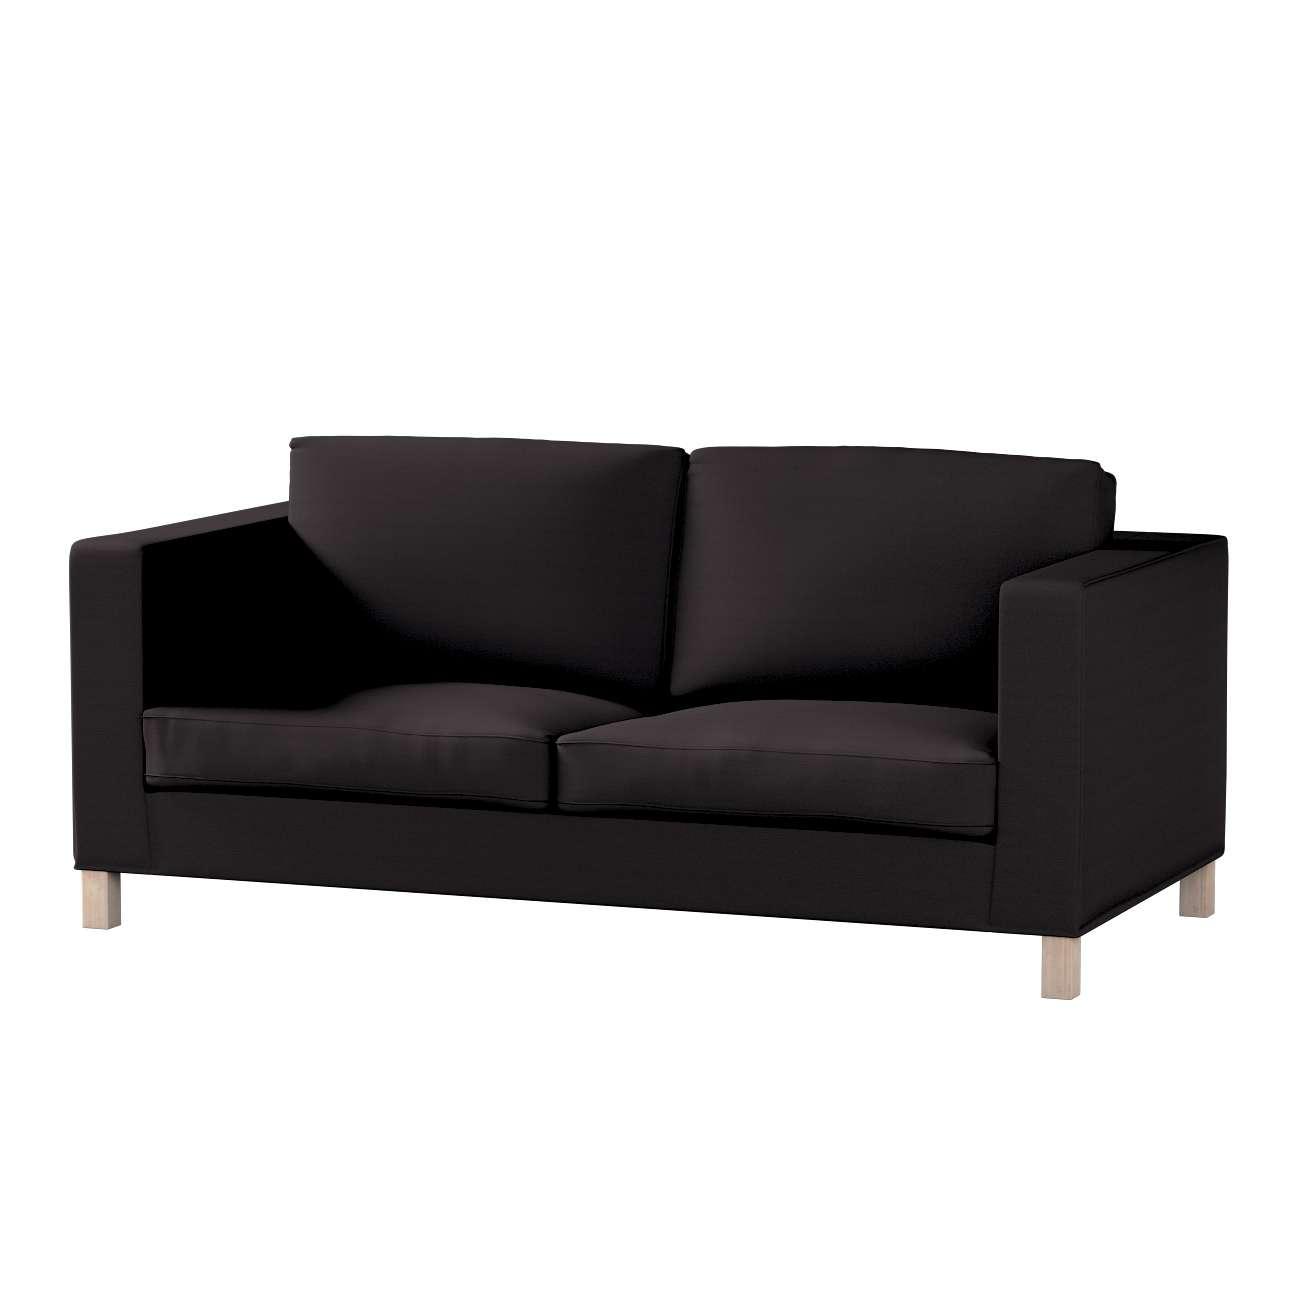 Pokrowiec na sofę Karlanda rozkładaną, krótki Sofa Karlanda rozkładana w kolekcji Cotton Panama, tkanina: 702-08